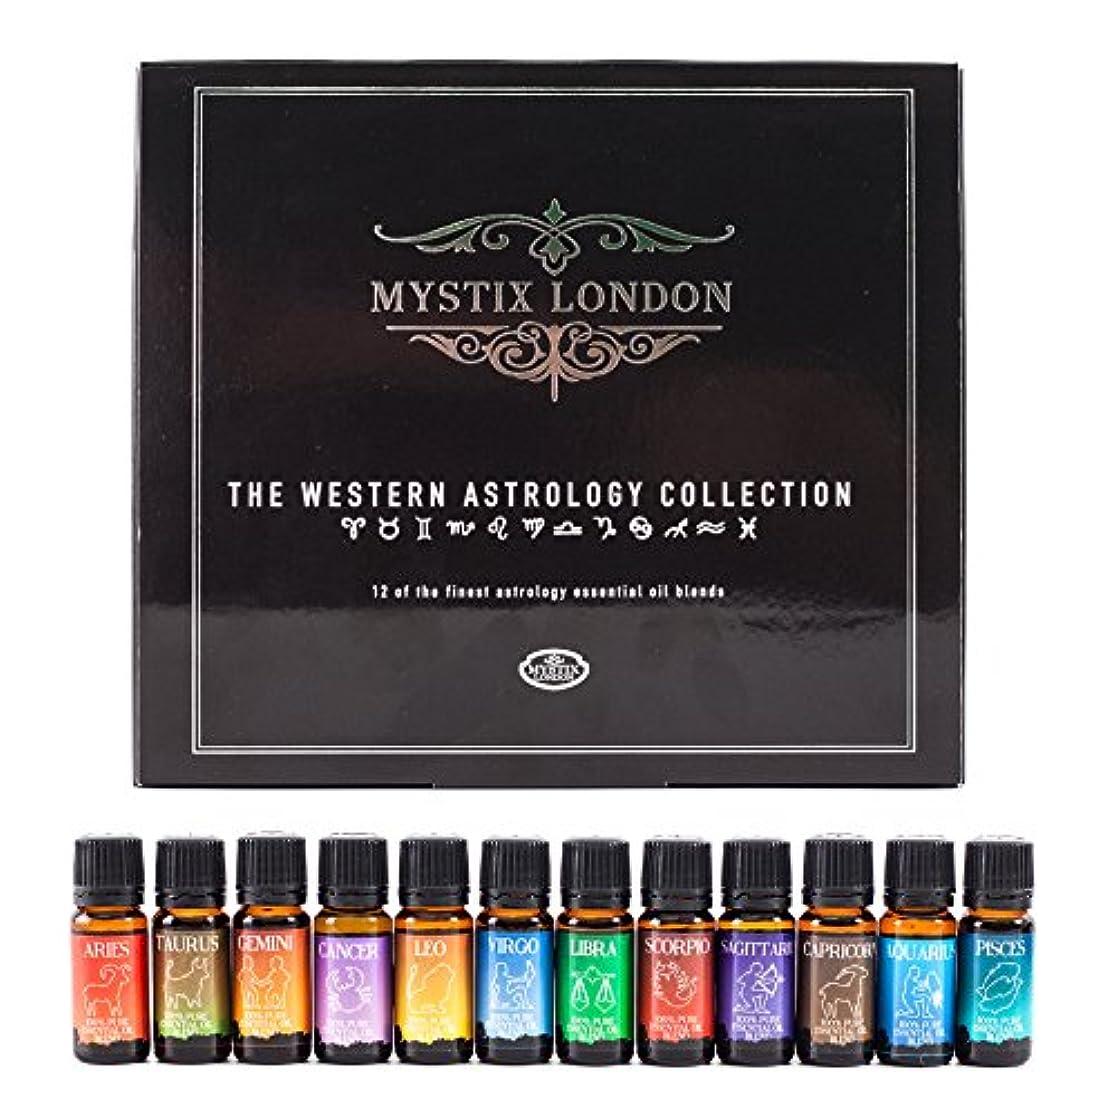 ログ遷移乱用Mystix London | The Western Astrology Collection 12 x 10ml 100% Pure Essential Oil Blends